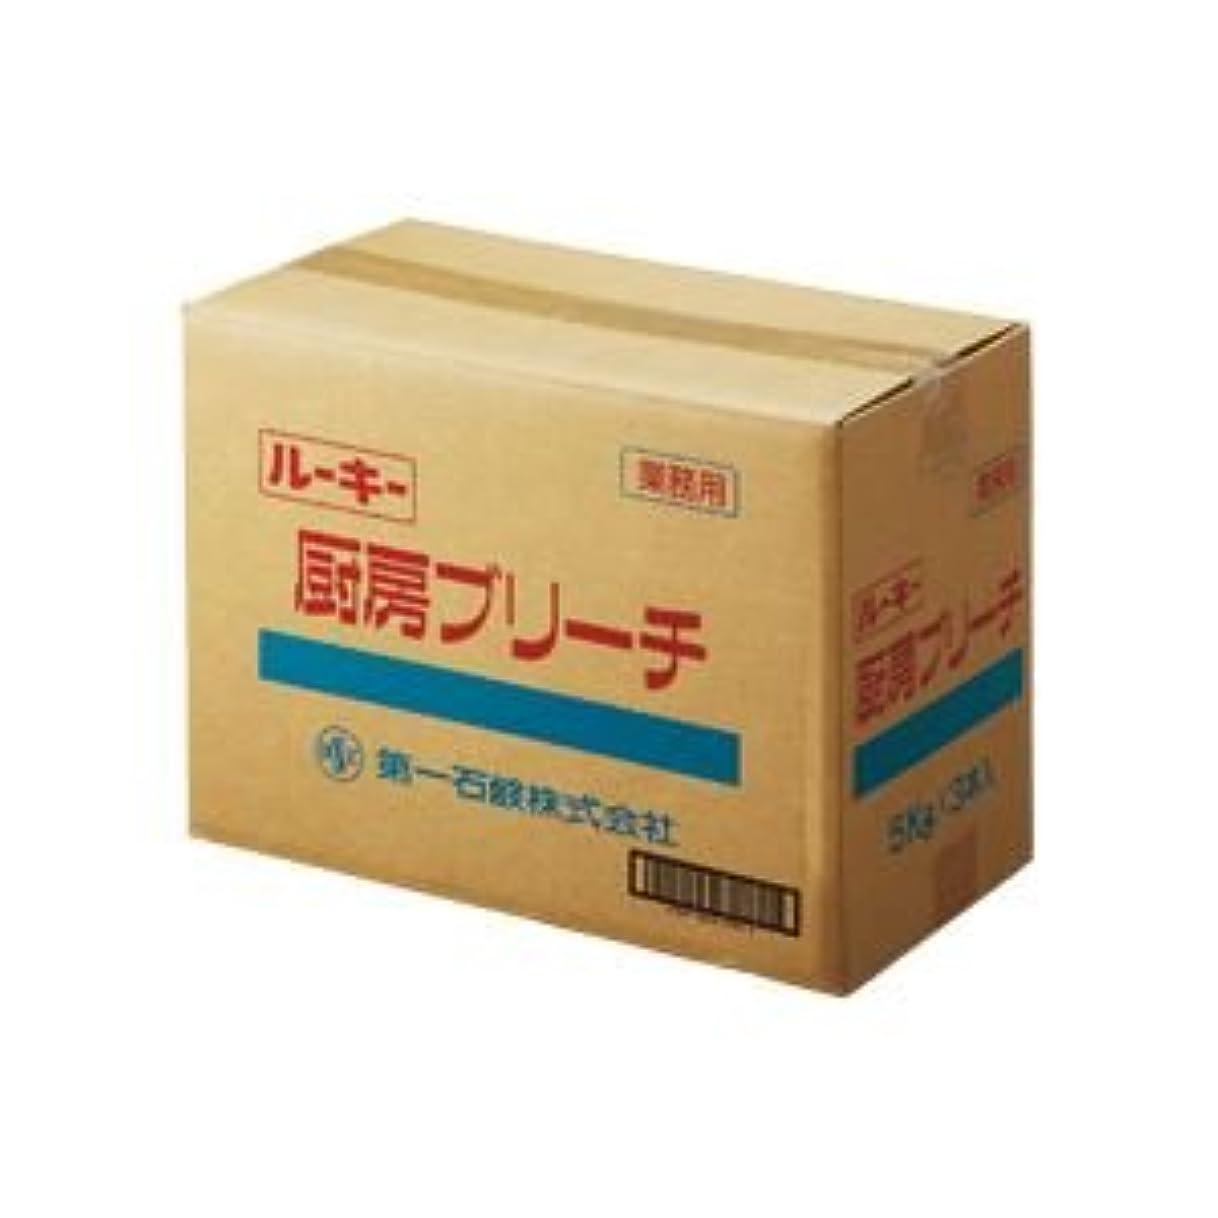 銀行寛大なチーフ(まとめ) 第一石鹸 ルーキー 厨房ブリーチ 業務用 5kg/本 1セット(3本) 【×2セット】